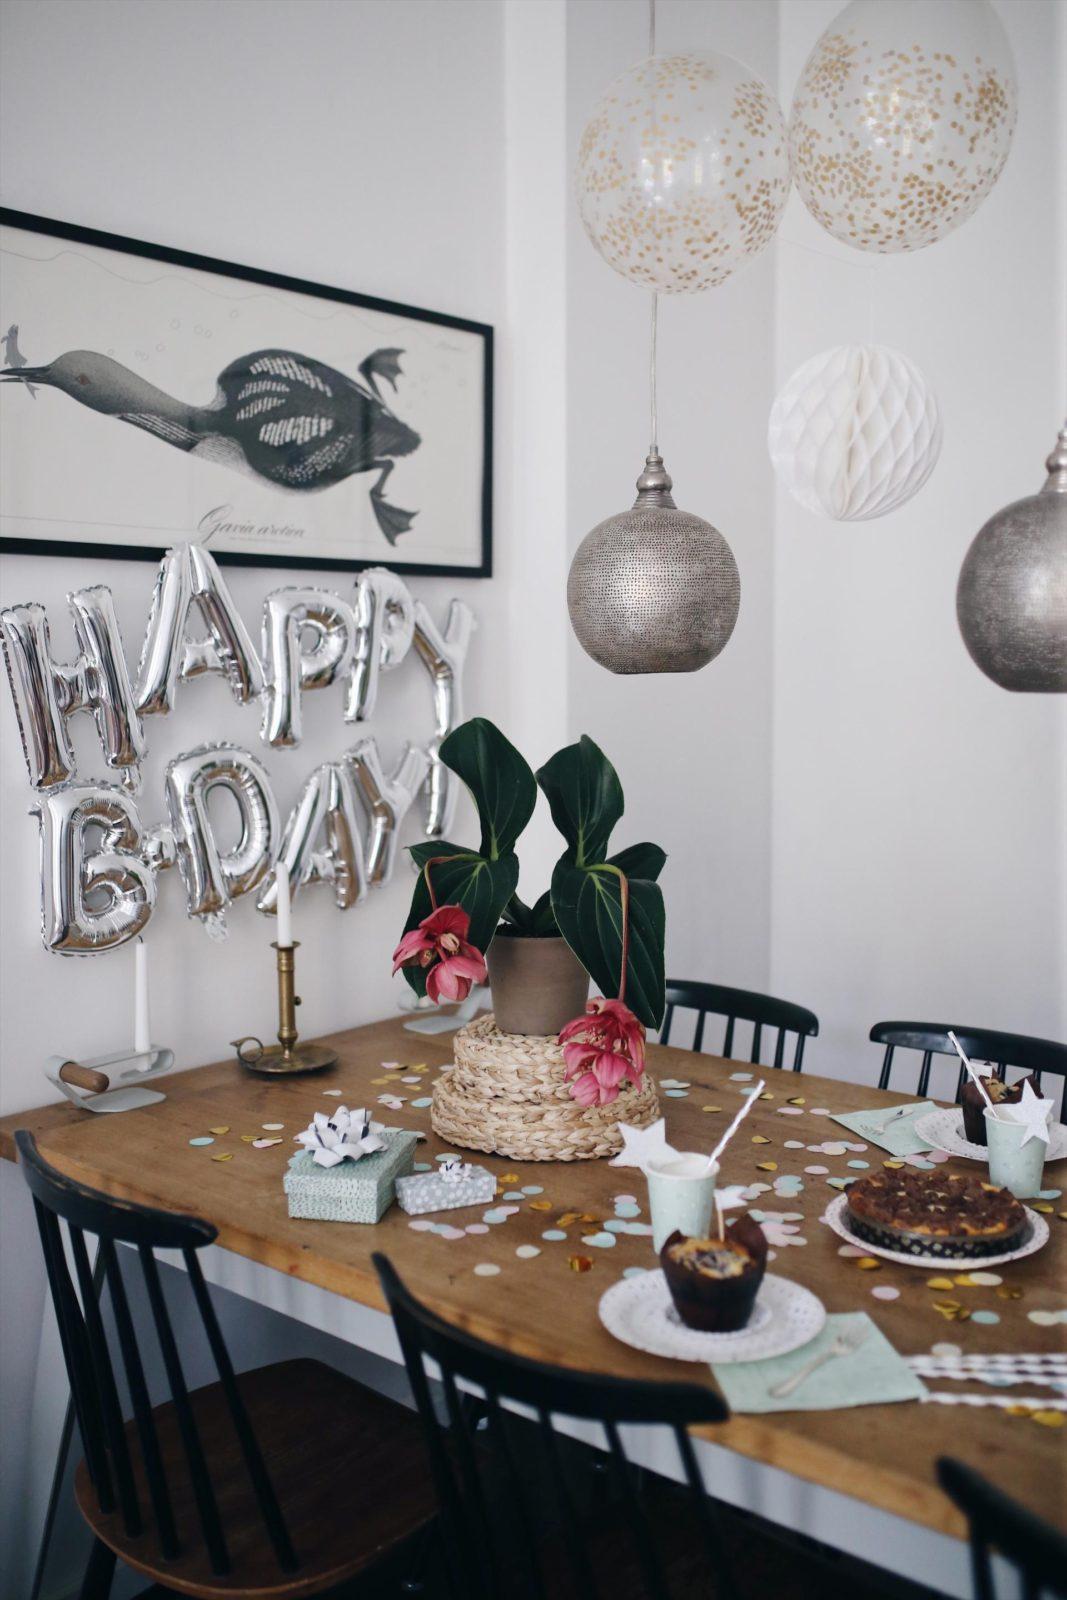 Tipps für einen entspannten Geburtstag mit russischen Zupfkuchen Rezept | #Geburtstagstipps #backende #Geburtstag #Kuchenrezept #russischerzupfkuchen #Geburtstagsideen | Pinspiration.de